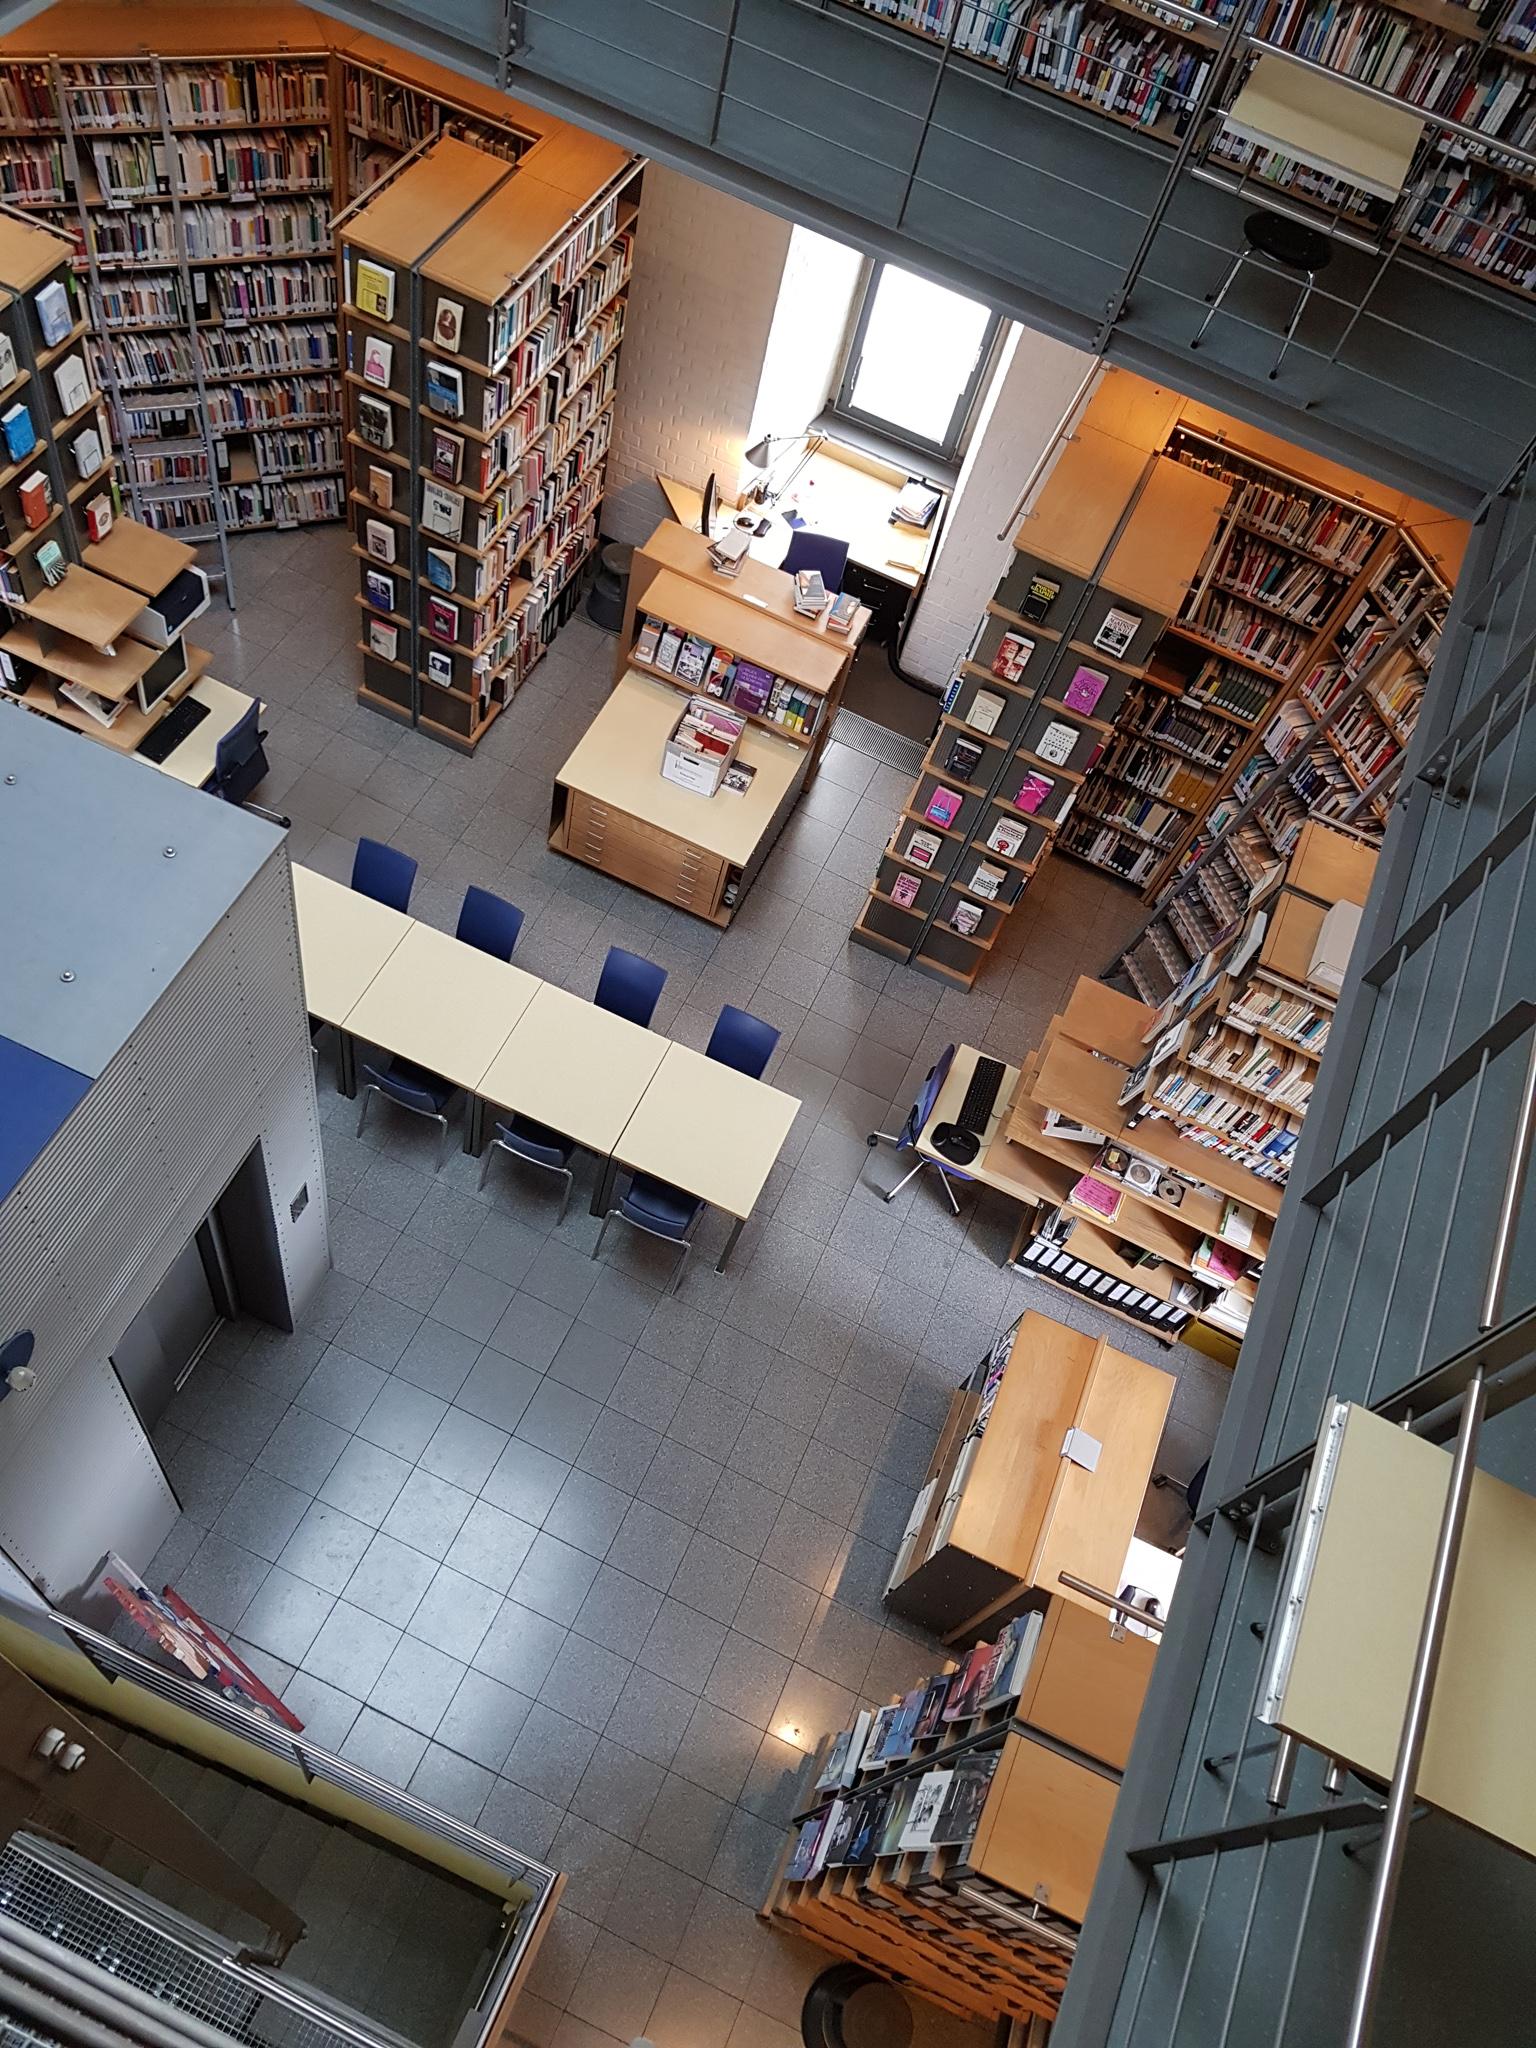 Innenraum der FMT Bibliothek 2 (Bild: FMT/Christin)